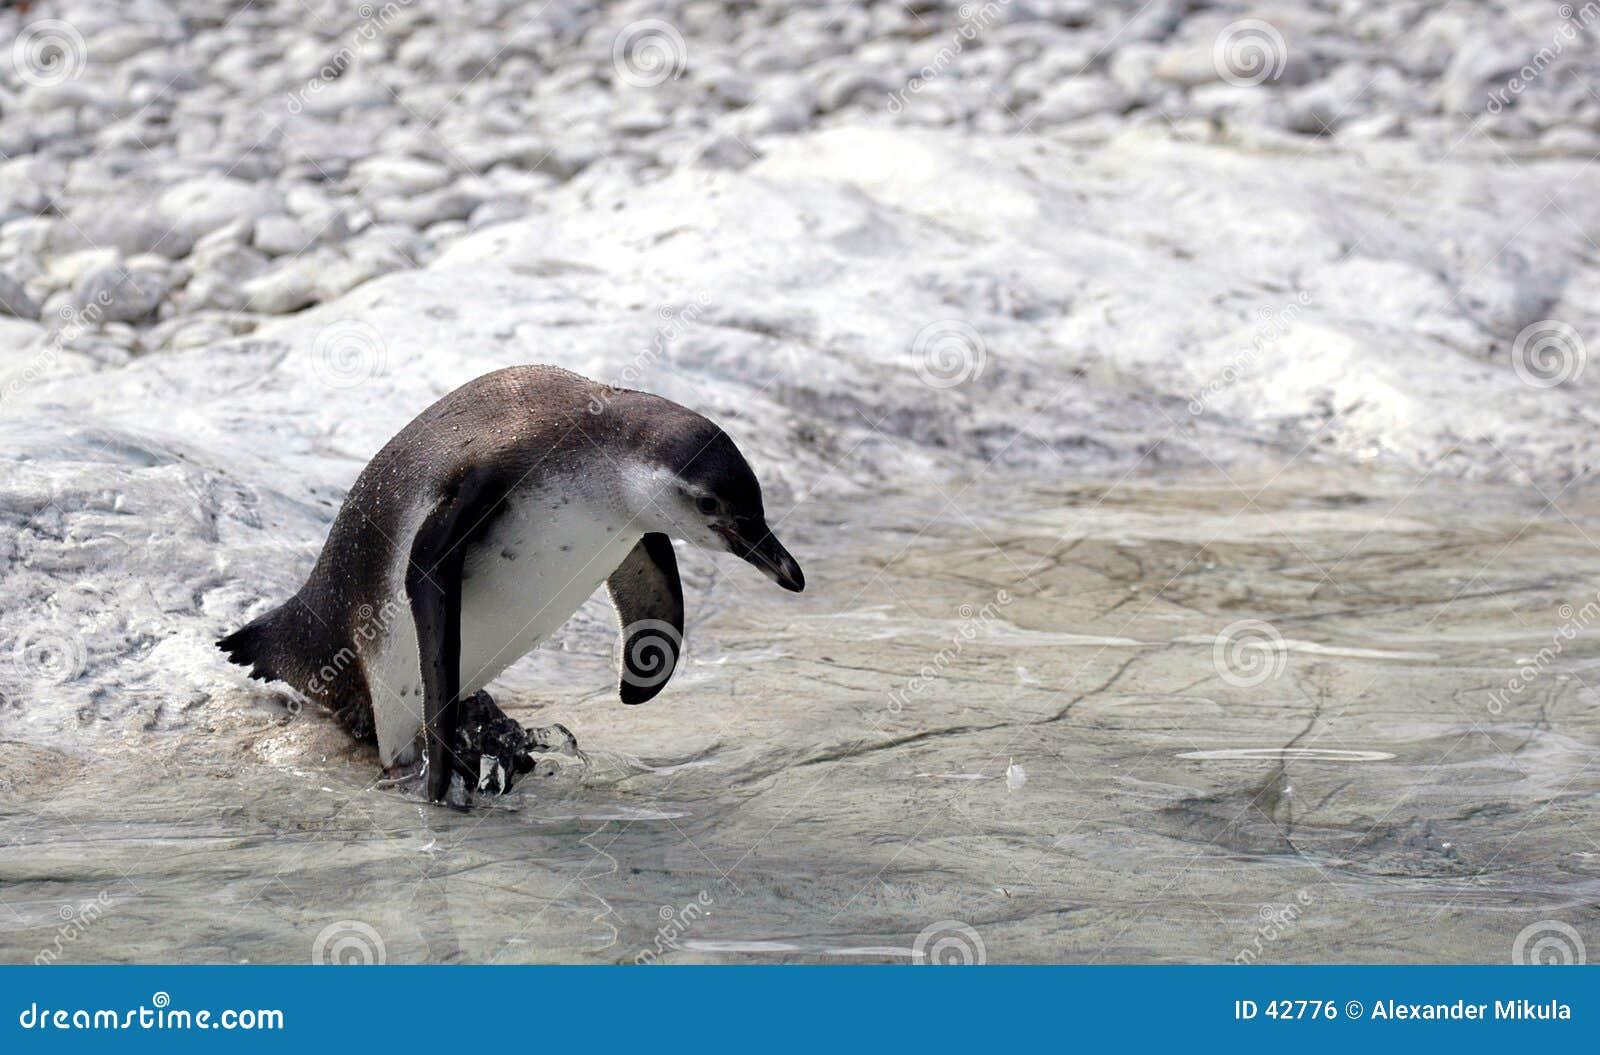 Pinguino che va per una nuotata